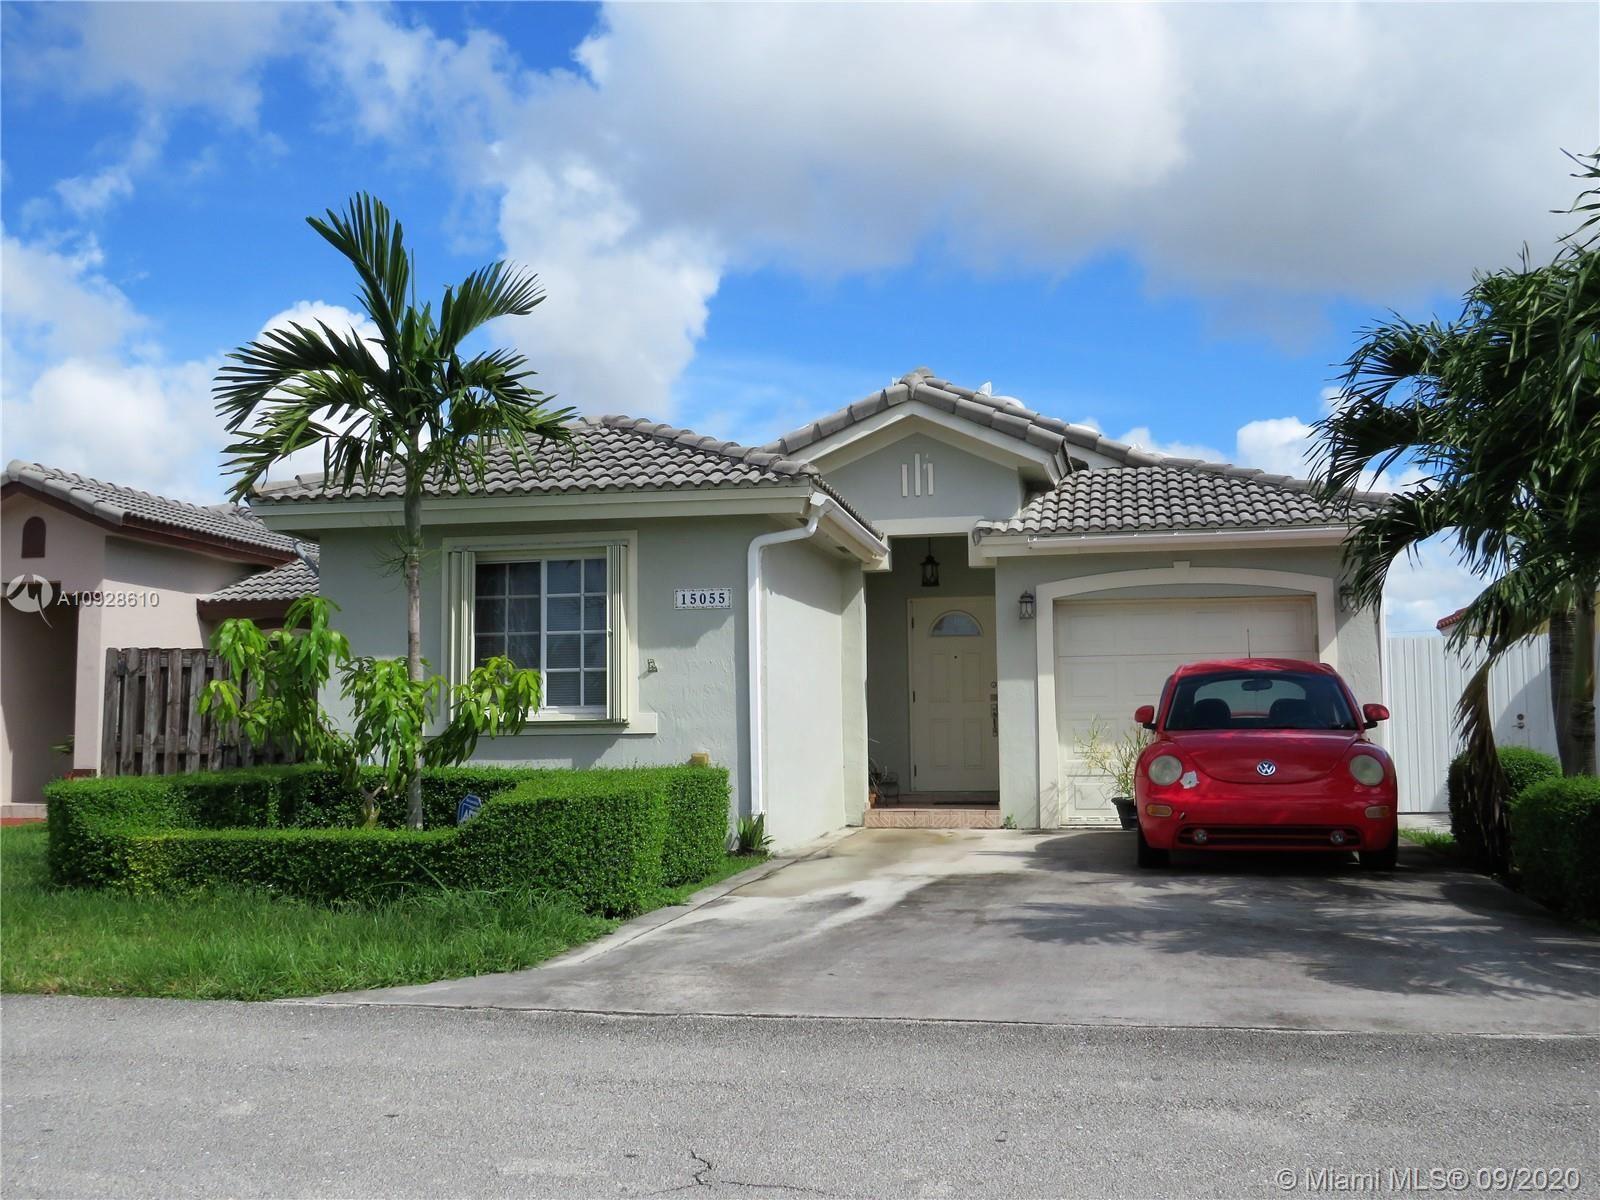 15055 SW 138th Ter, Miami, FL 33196 - #: A10928610